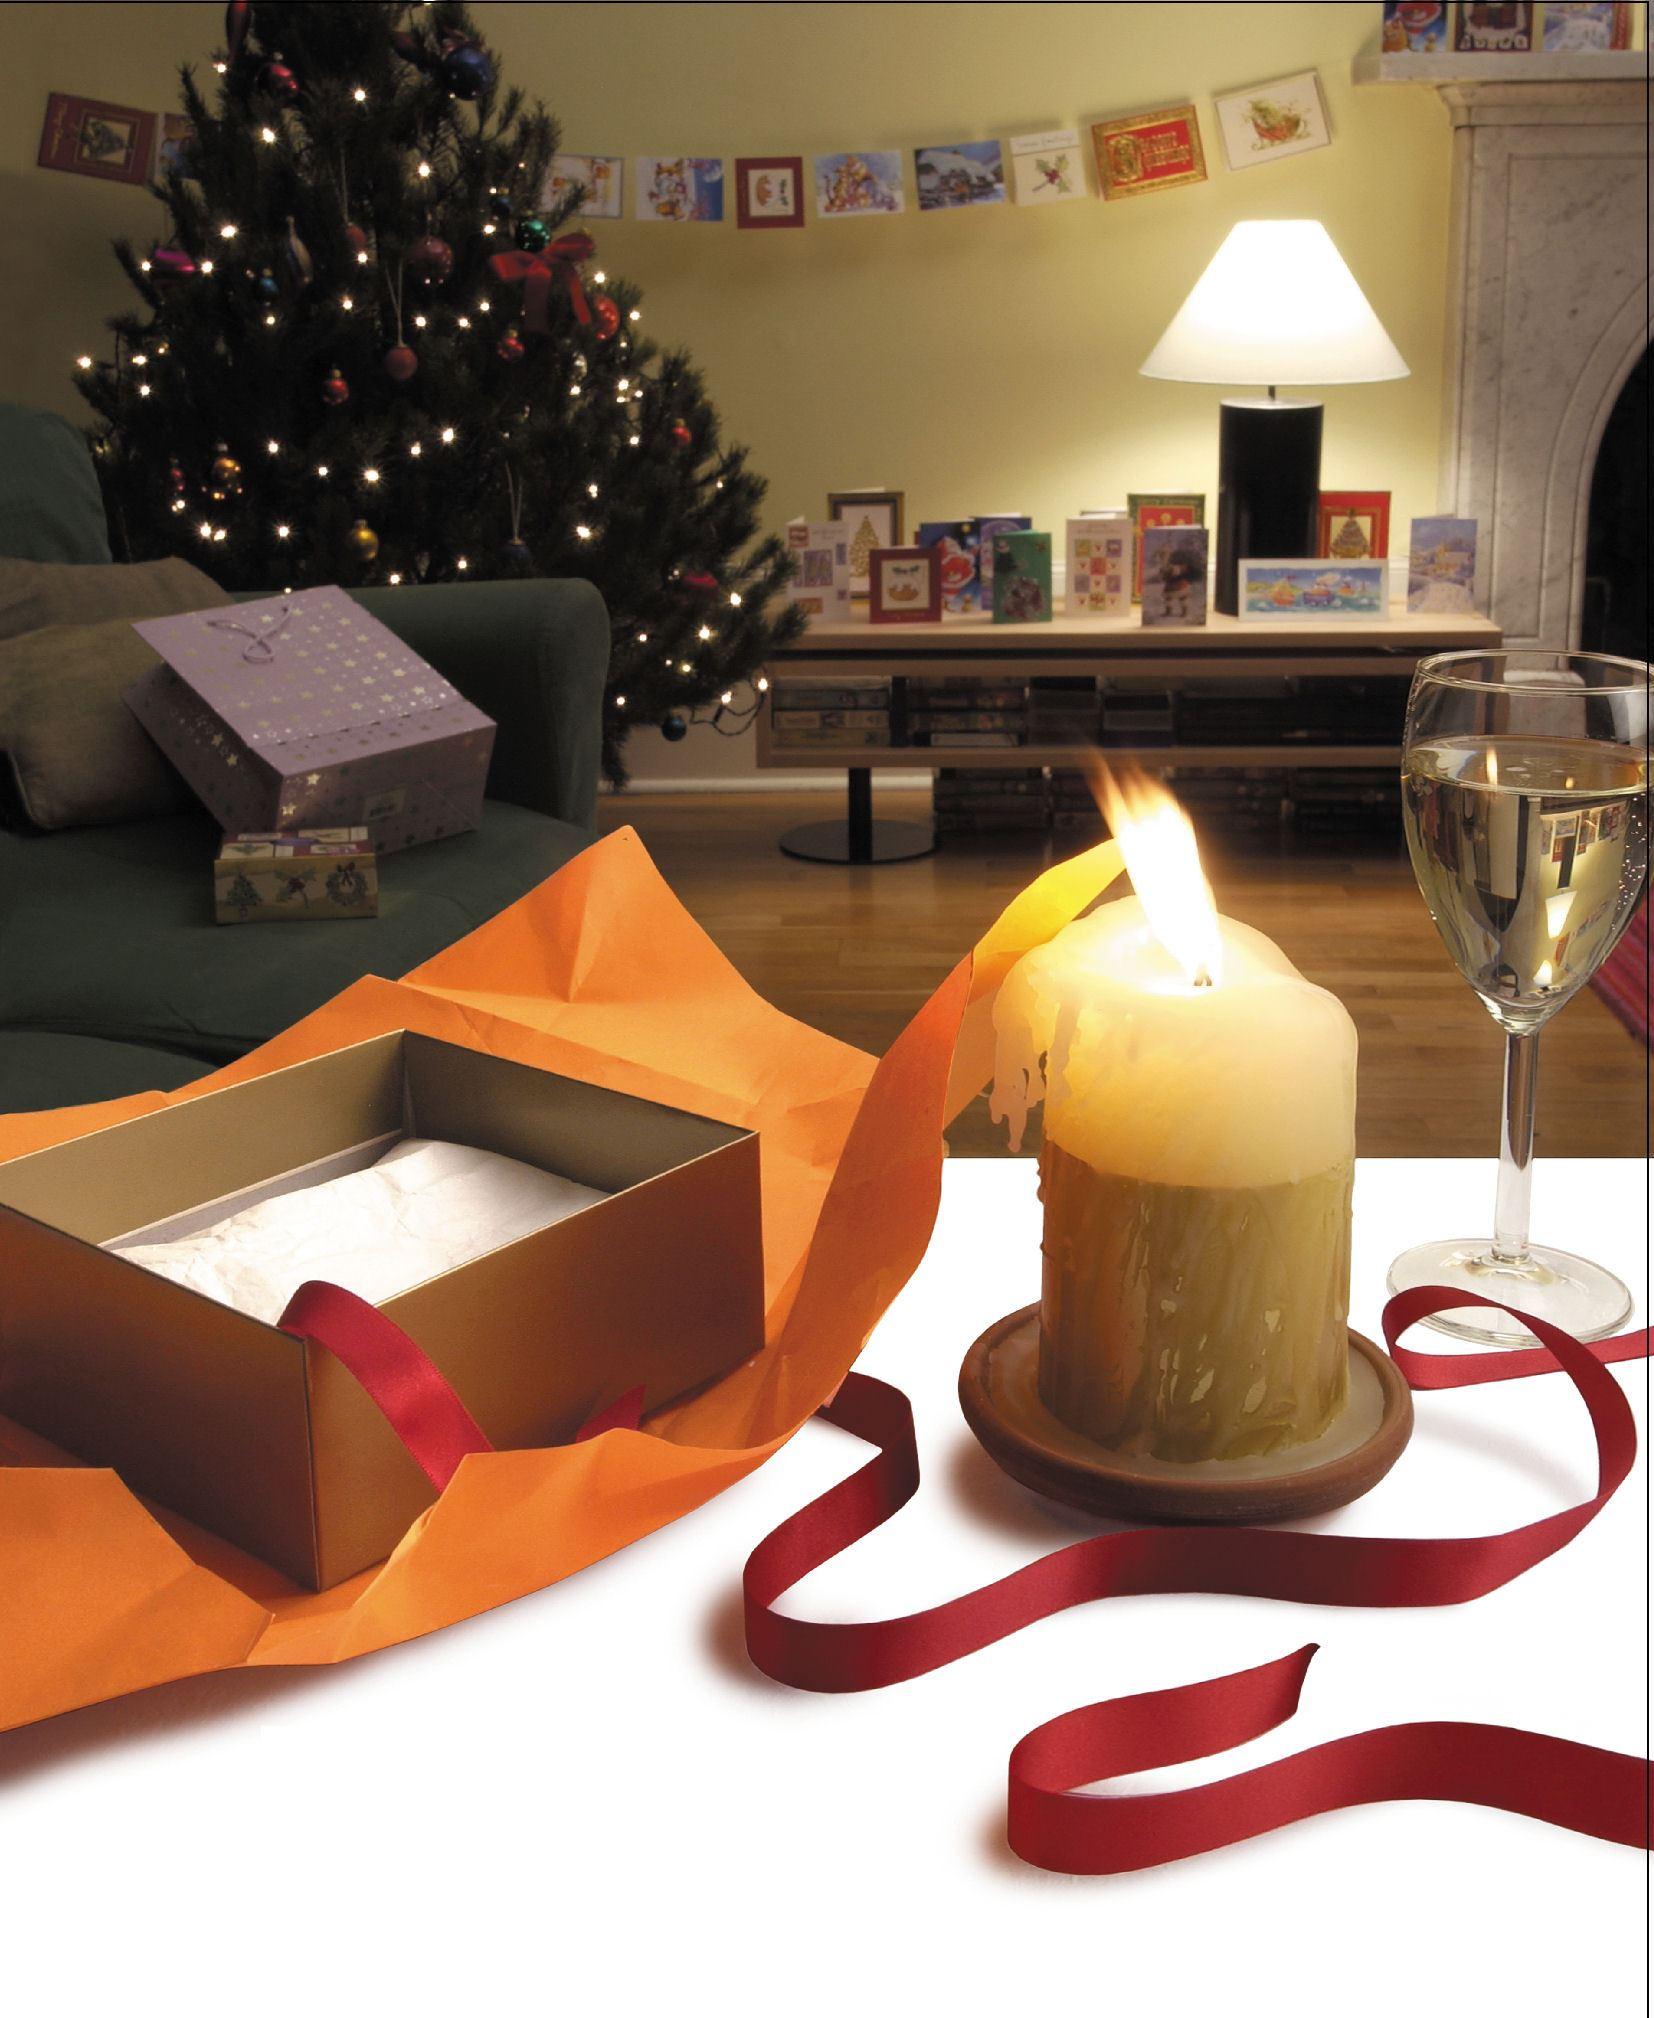 SFRS wish an enjoyable and safe Christmas